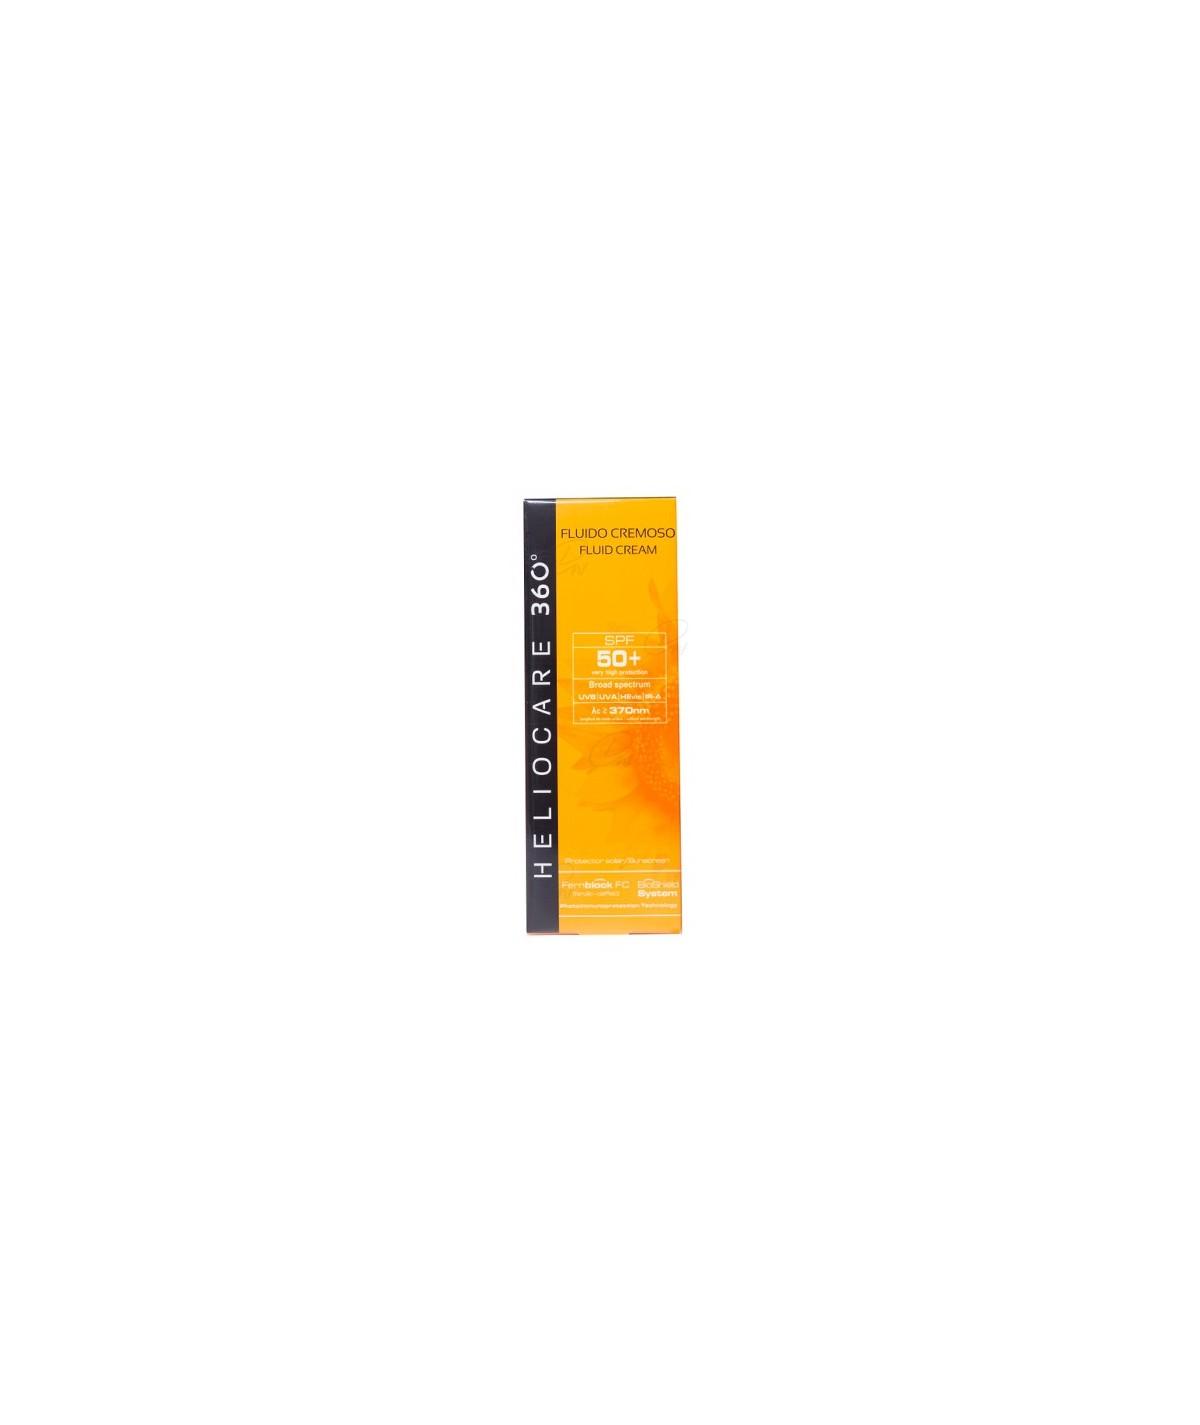 HELIOCARE 360º SPF 50+ FLUIDO CREMOSO SUNSCREEN 50 ML